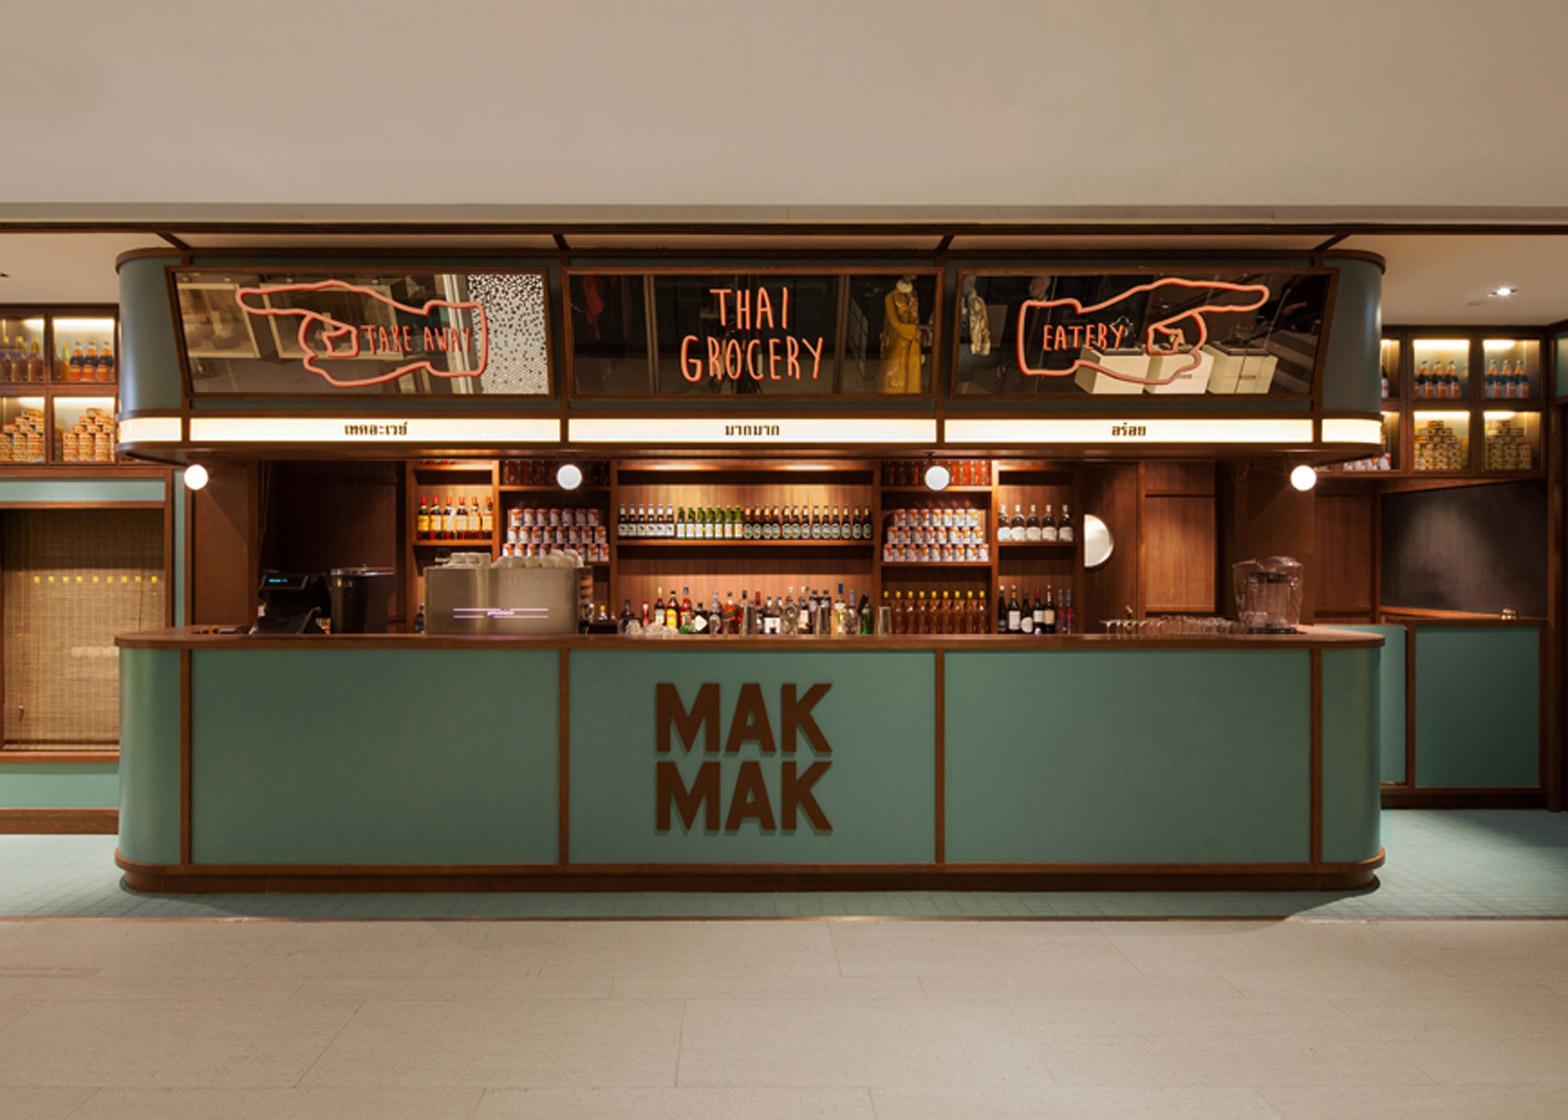 mak-mak-thai-restaurant-nc-design-architecture_dezeen_1568_0